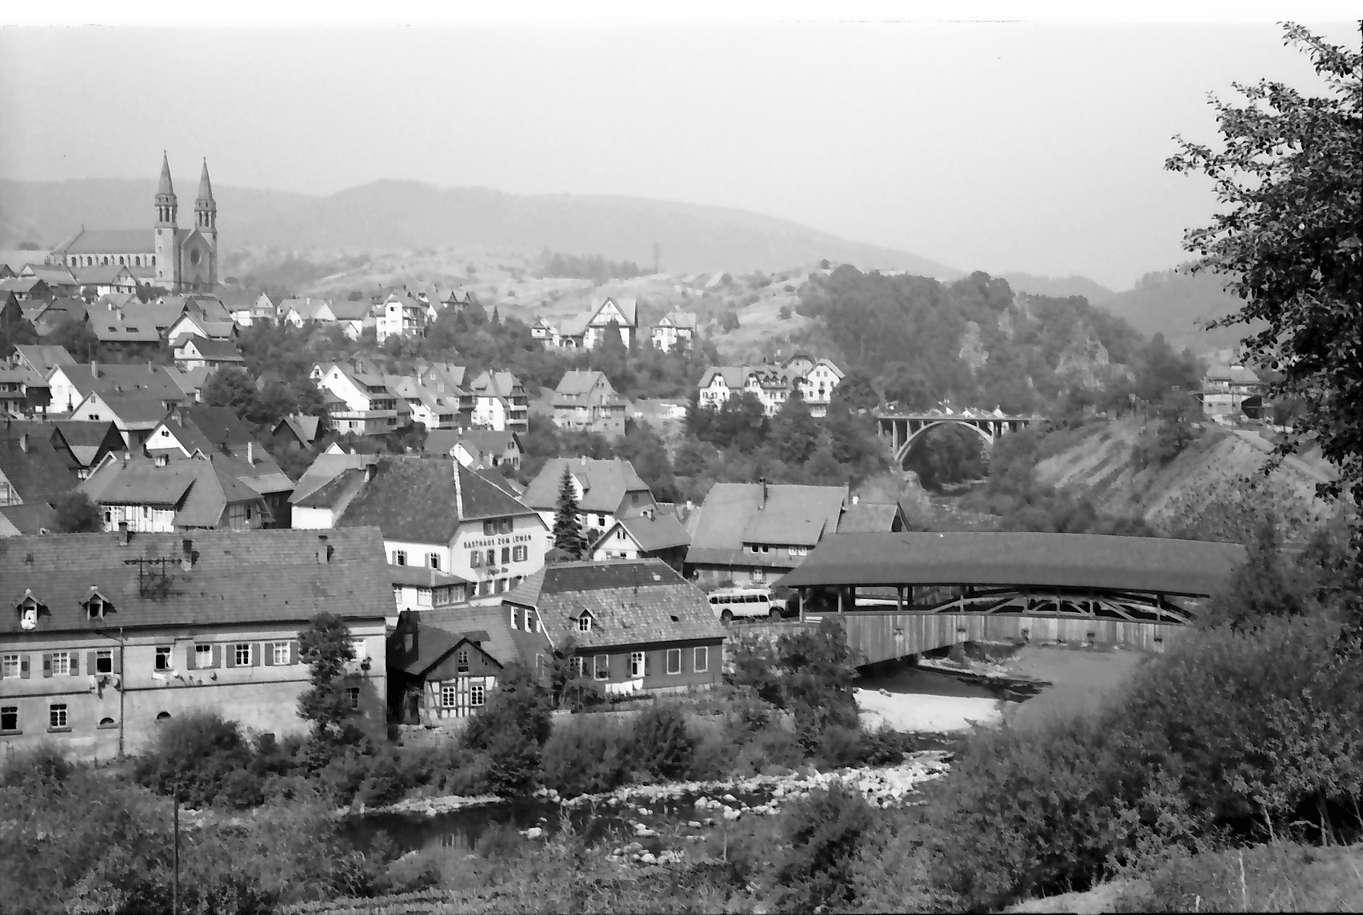 Forbach: Gesamtansicht des Ortes mit alter Holzbrücke über die Murg, Bild 1